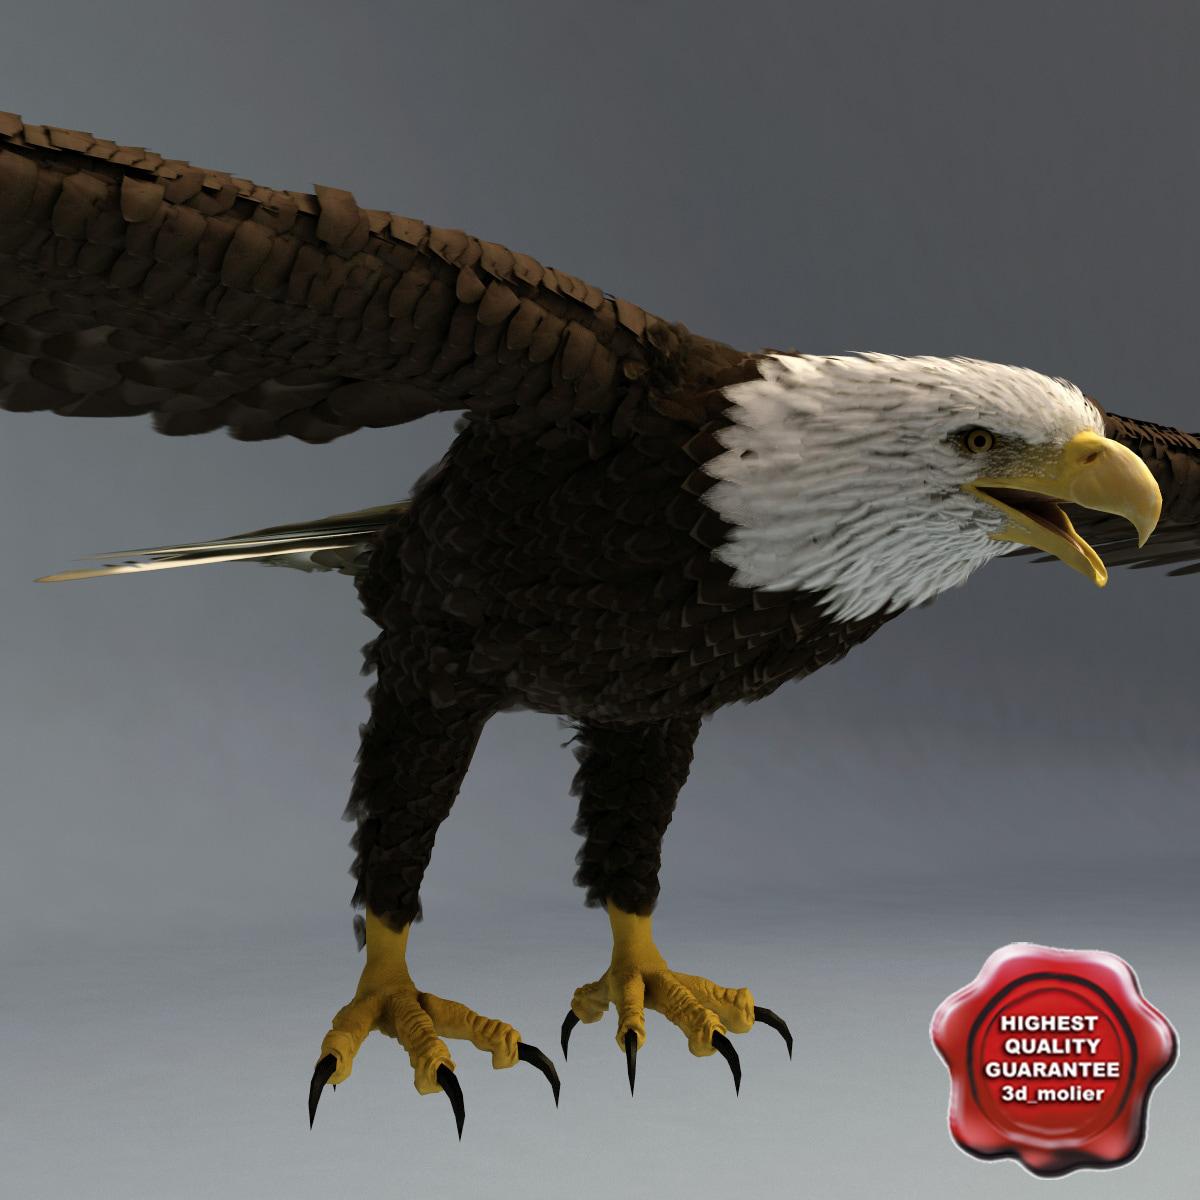 Bald_Eagle_Static_00.jpg